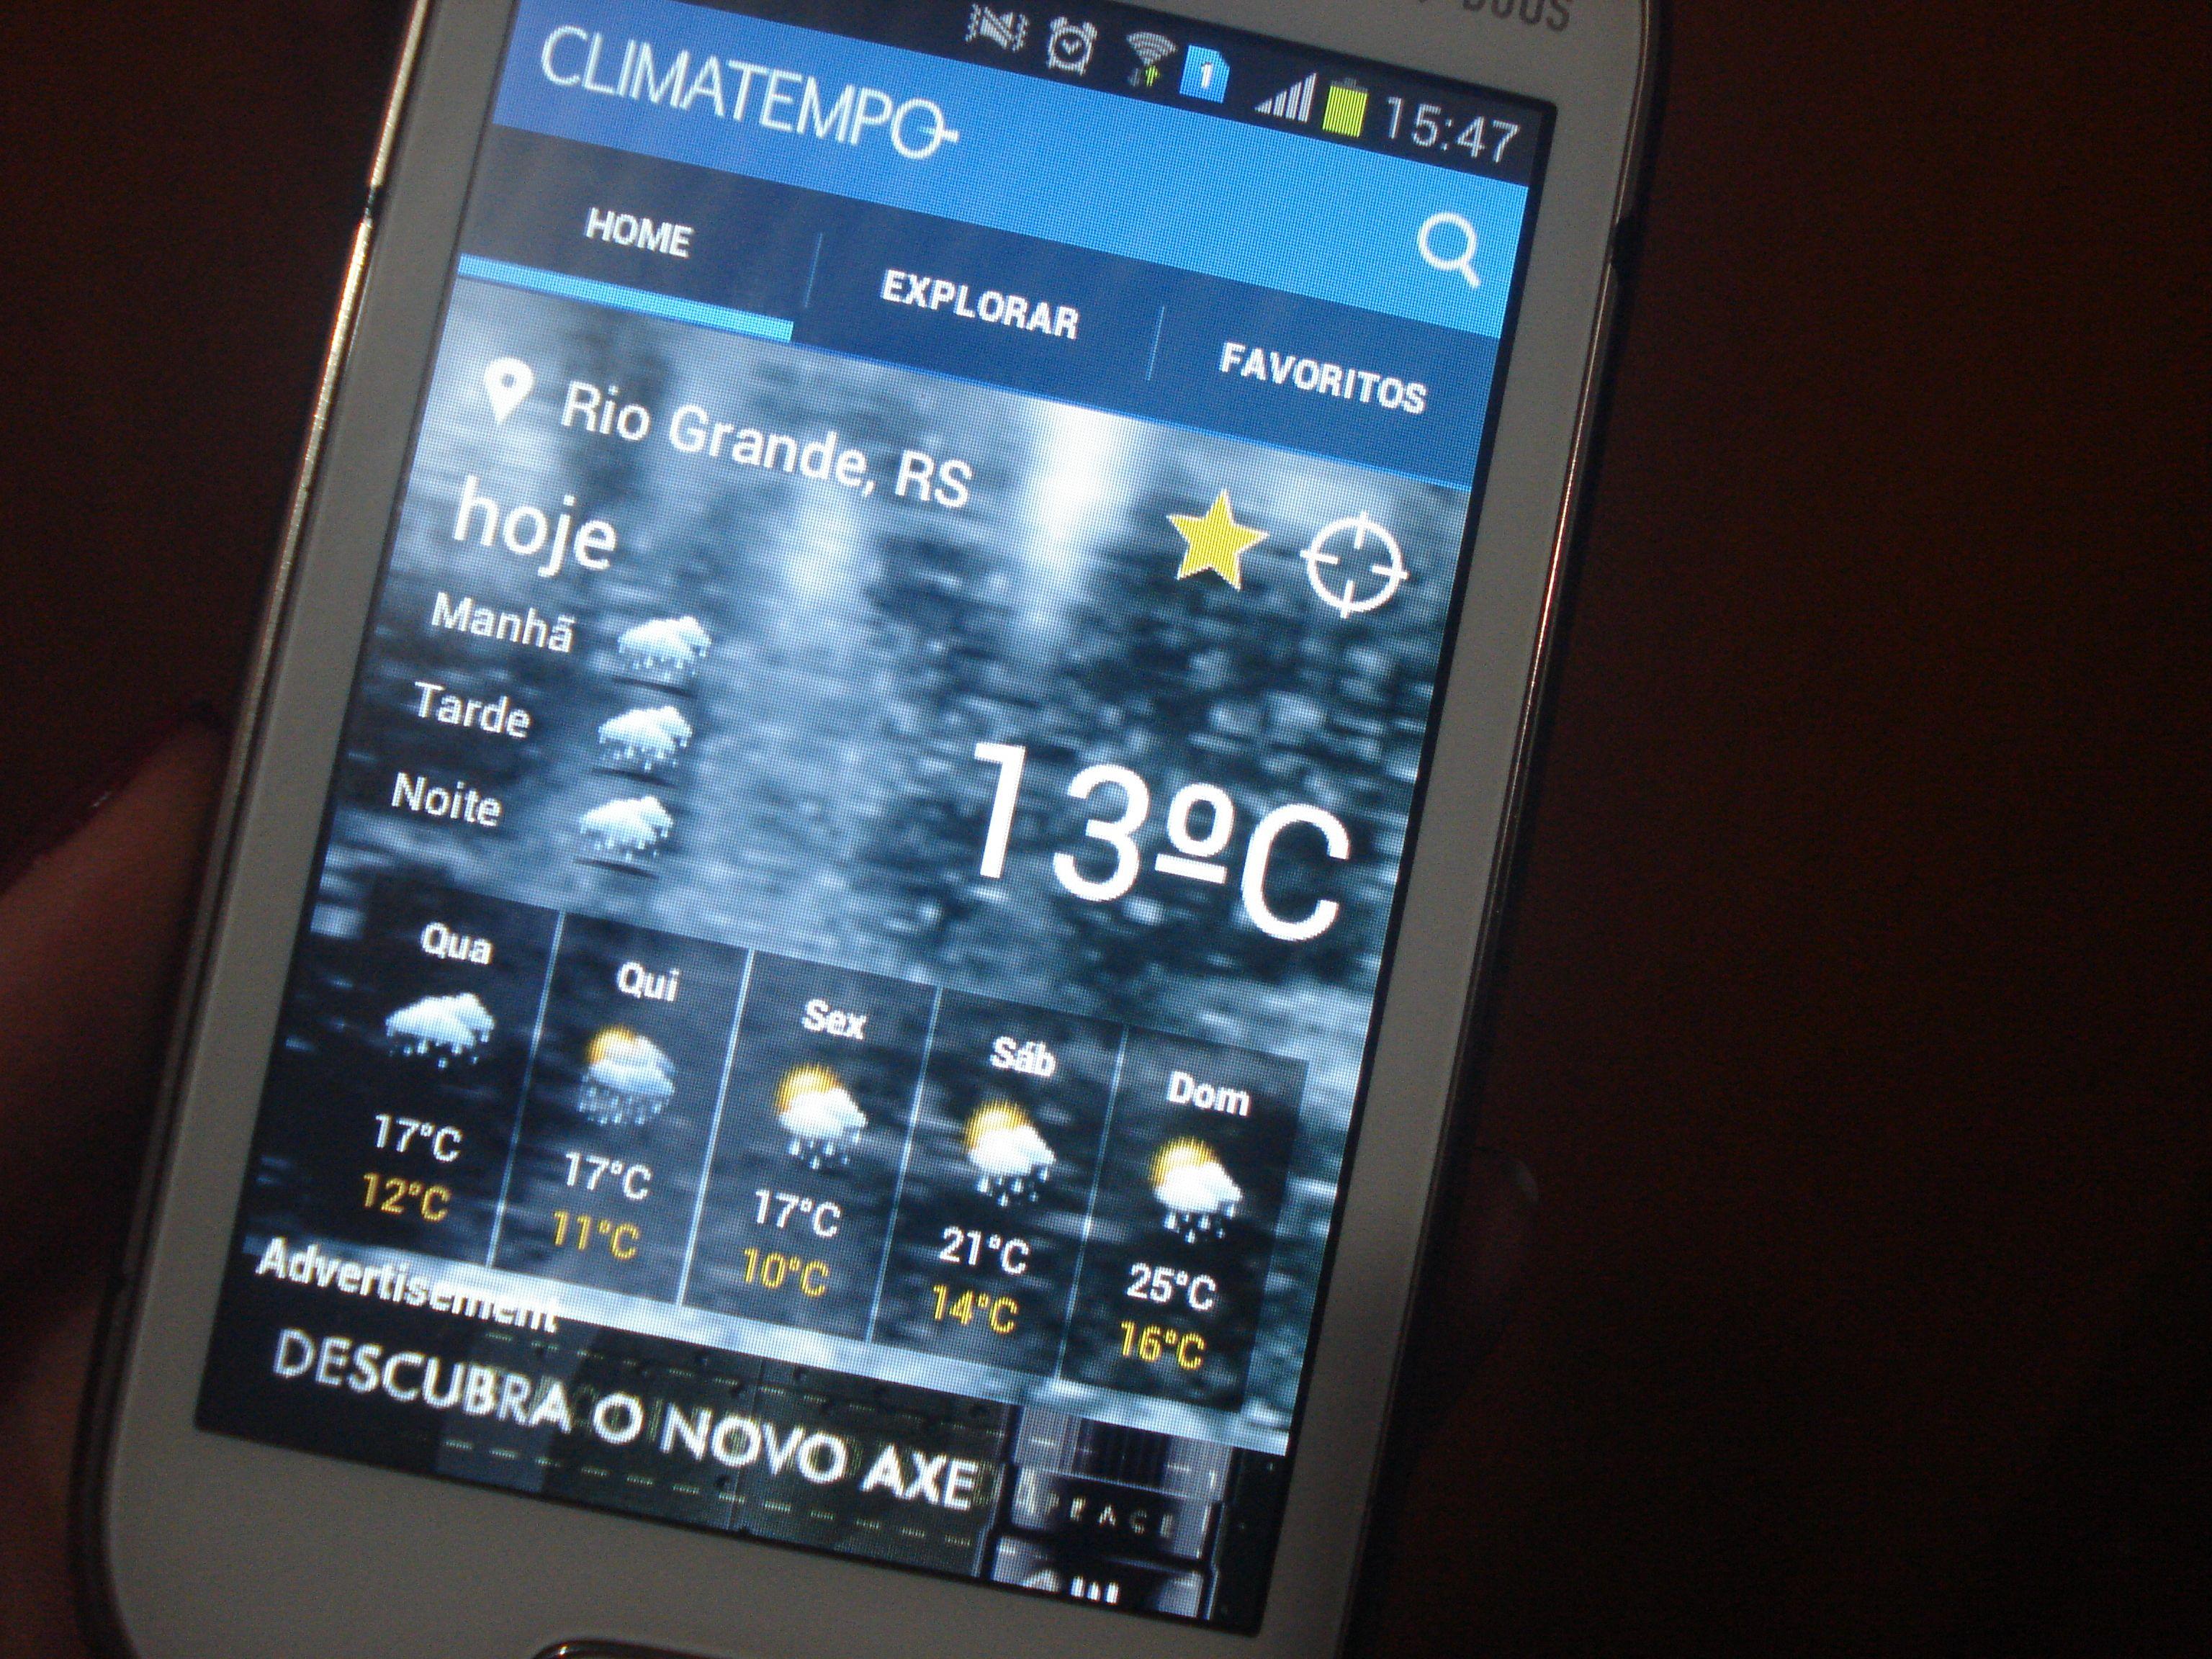 365/253 - Aff chuva o dia todo podiam errar a previsão do tempo. haha